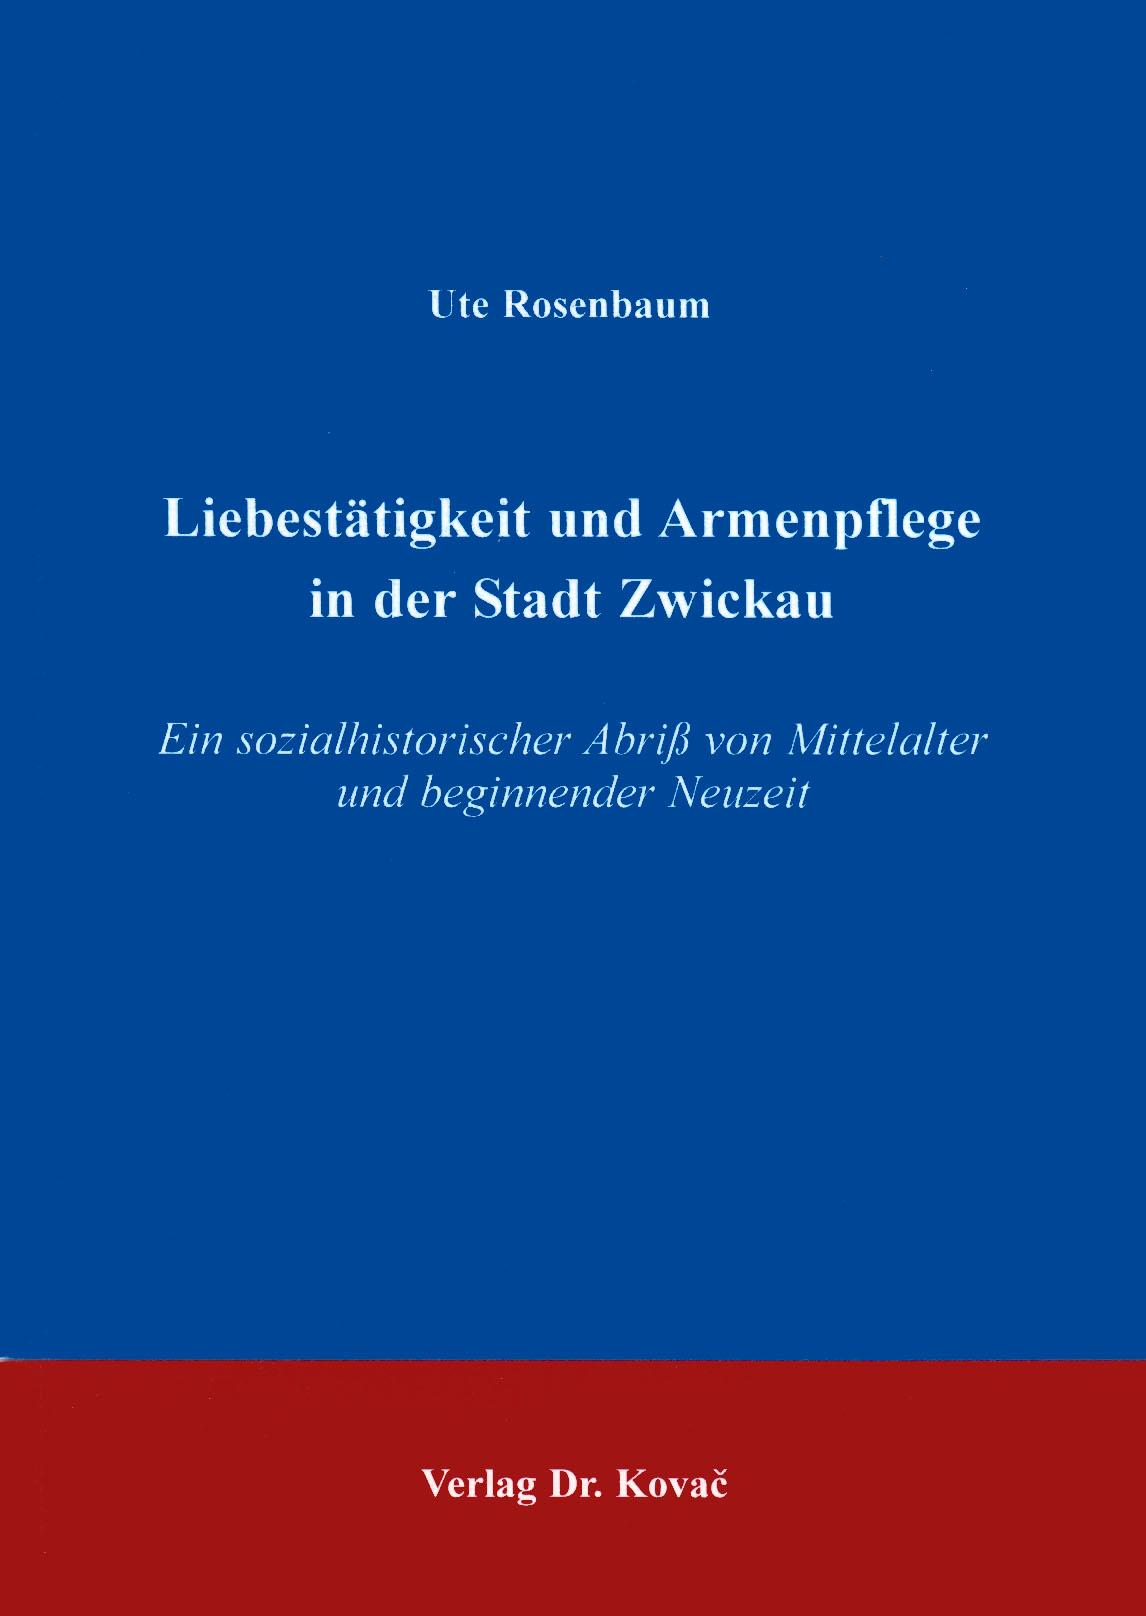 Cover: Liebestätigkeit und Armenpflege in der Stadt Zwickau